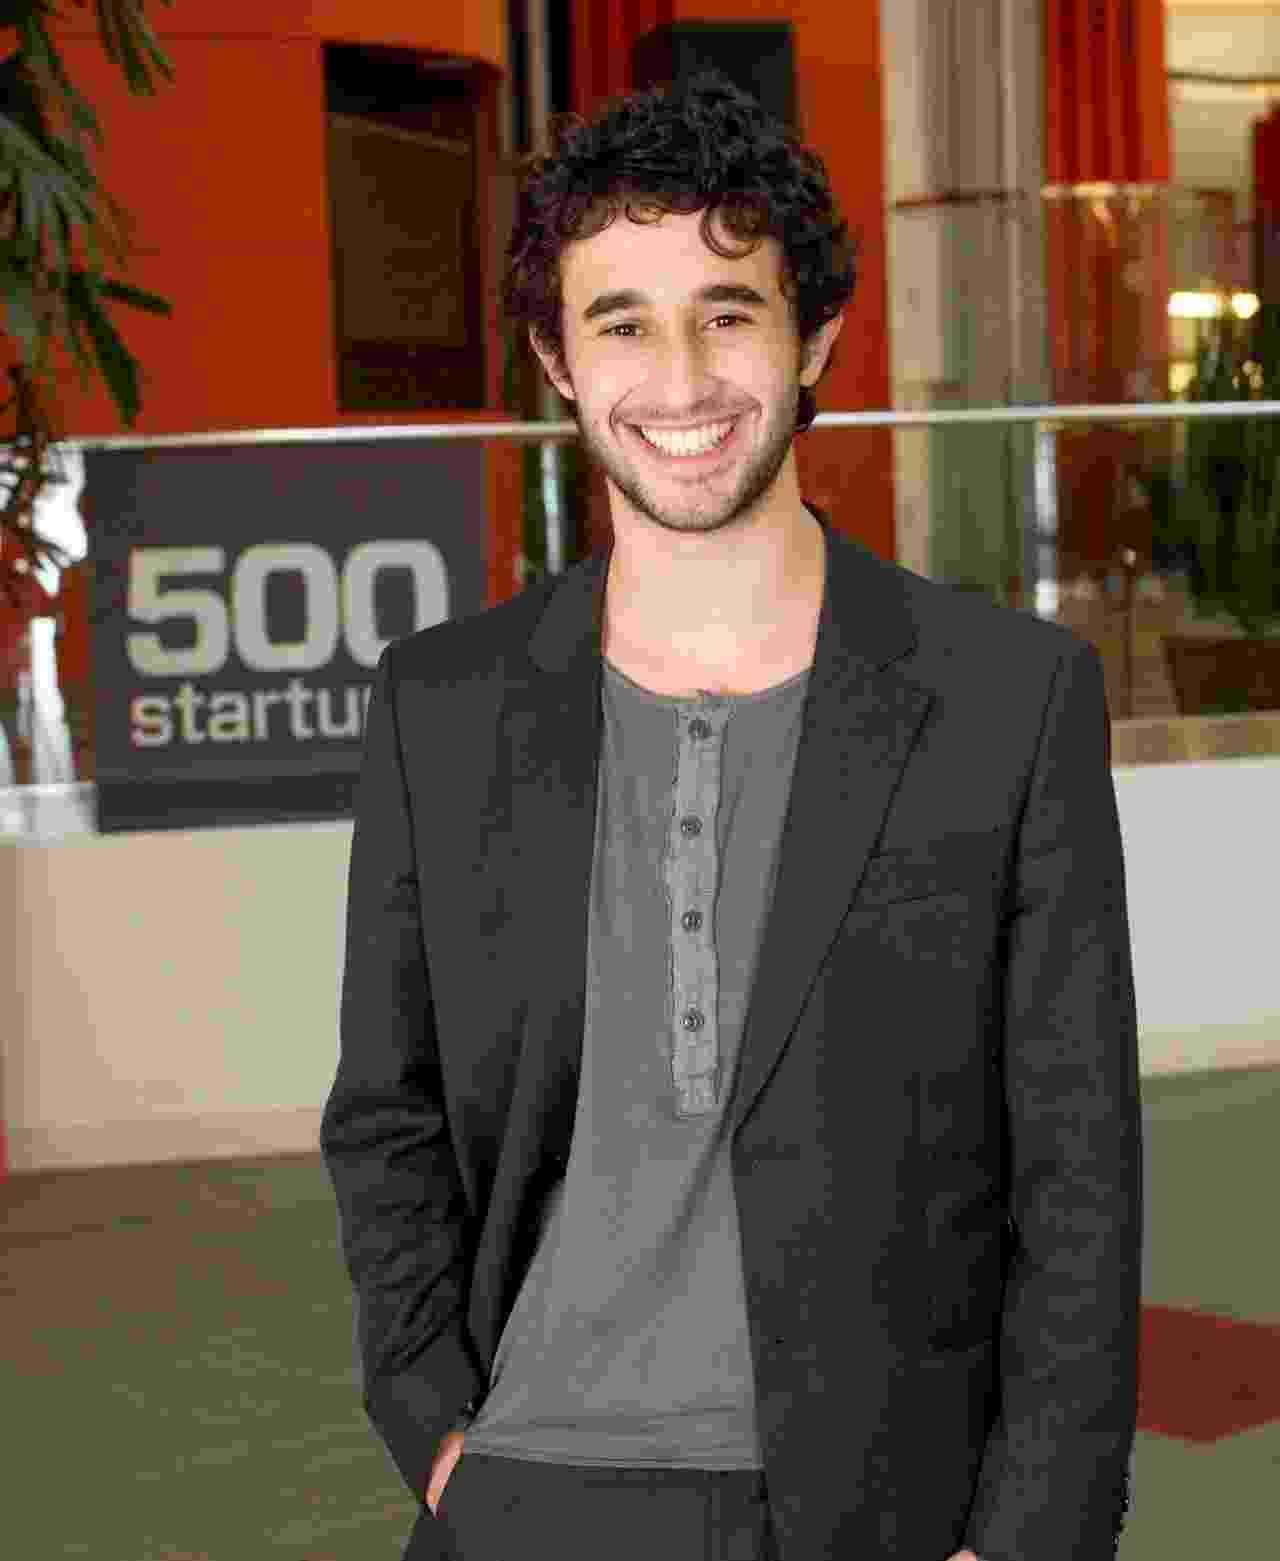 Start-up Ingresse, criada por Gabriel Benarrós, comercializa ingressos para eventos de todos os portes online - Kevin Warnock/Divulgação